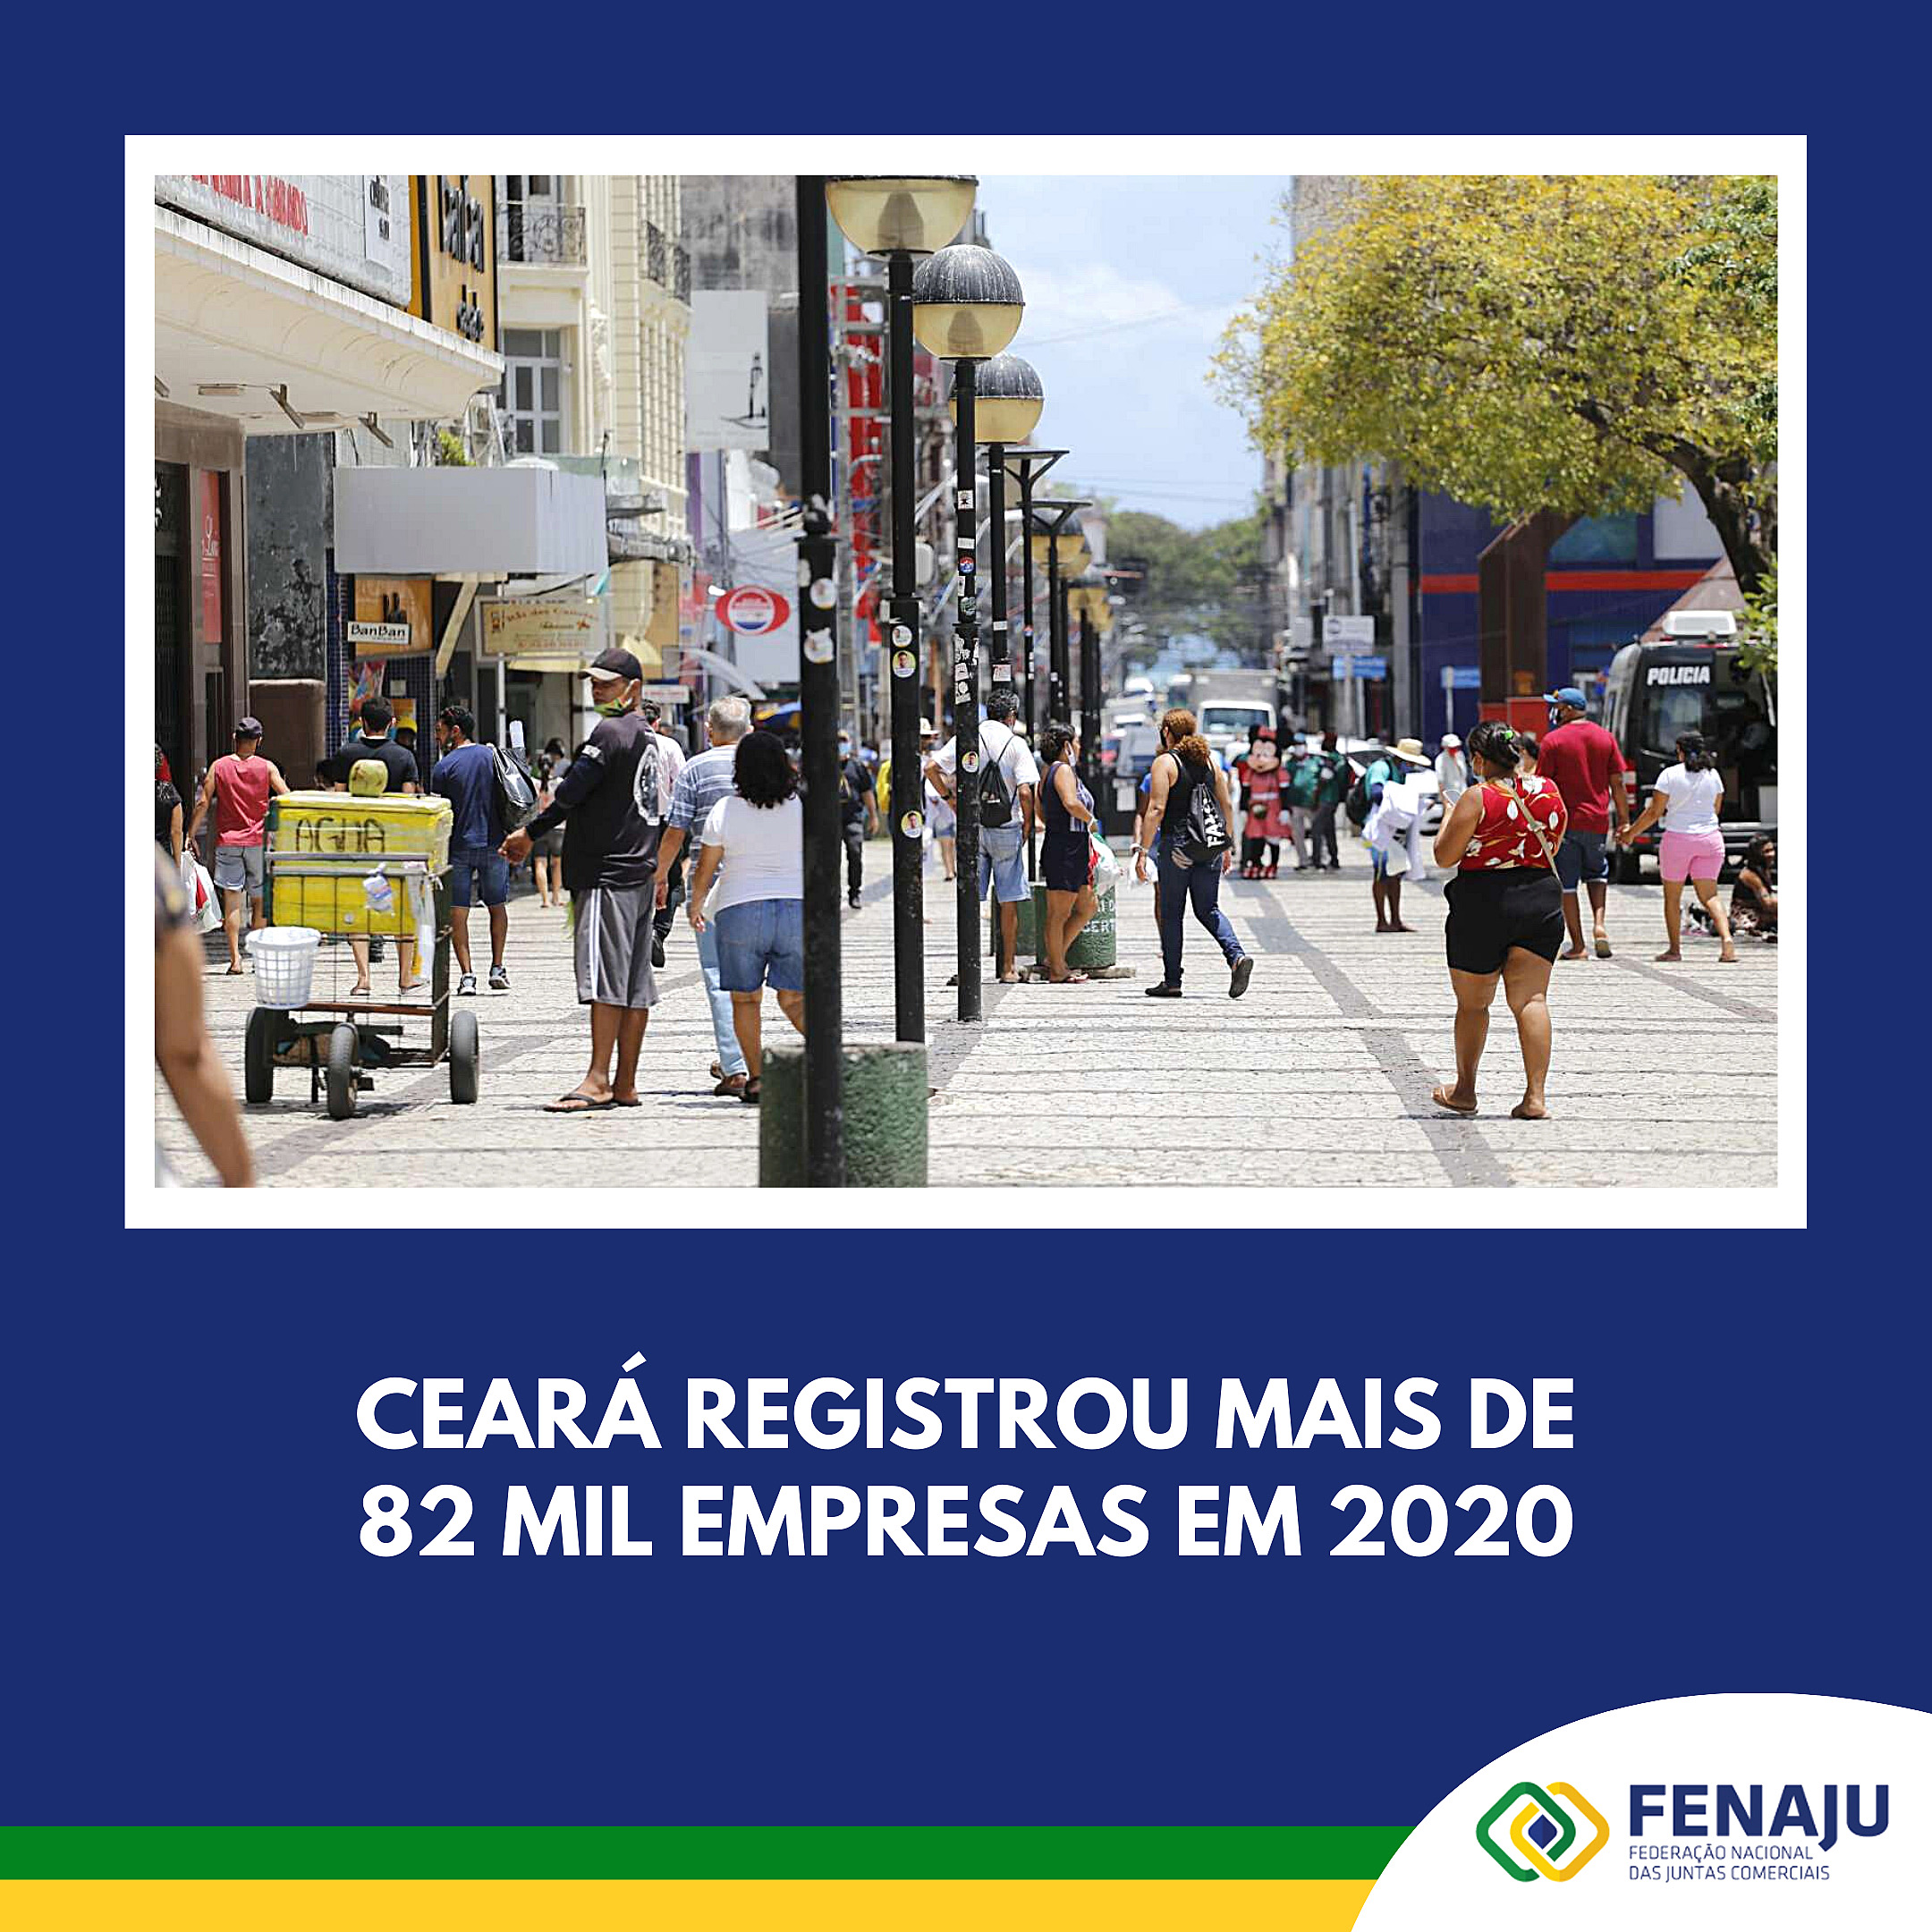 Ceará registrou mais de 82 mil empresas em 2020